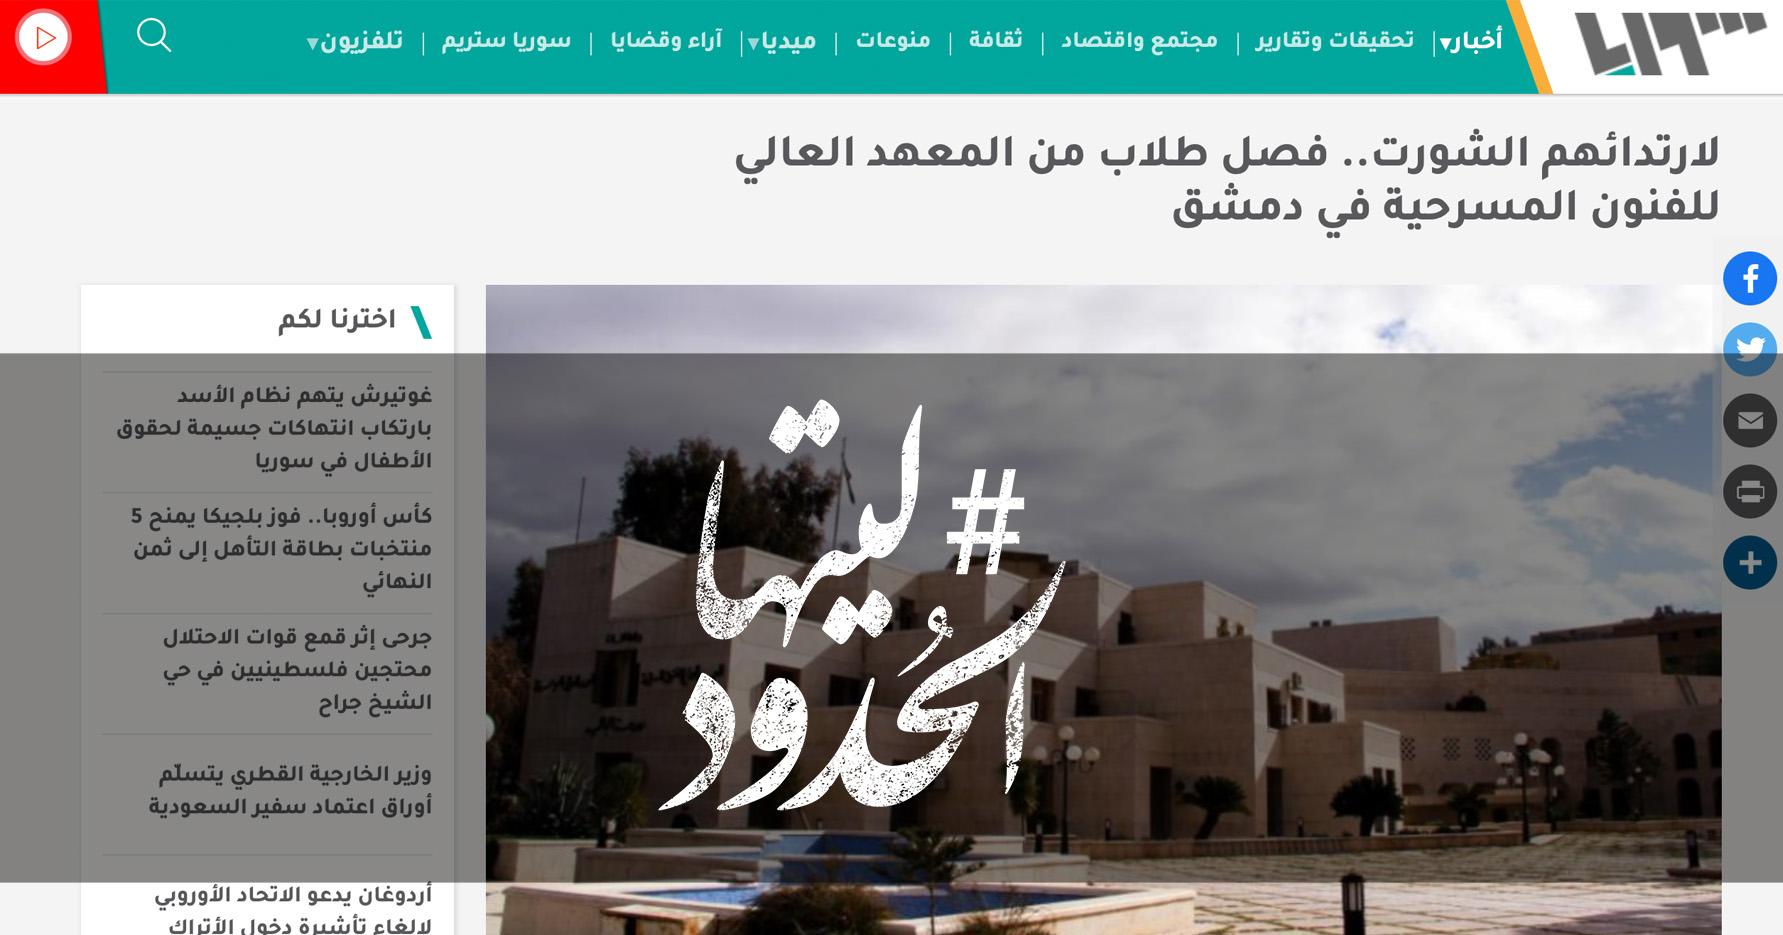 صورة لارتدائهم الشورت.. فصل طلاب من المعهد العالي للفنون المسرحية في دمشق